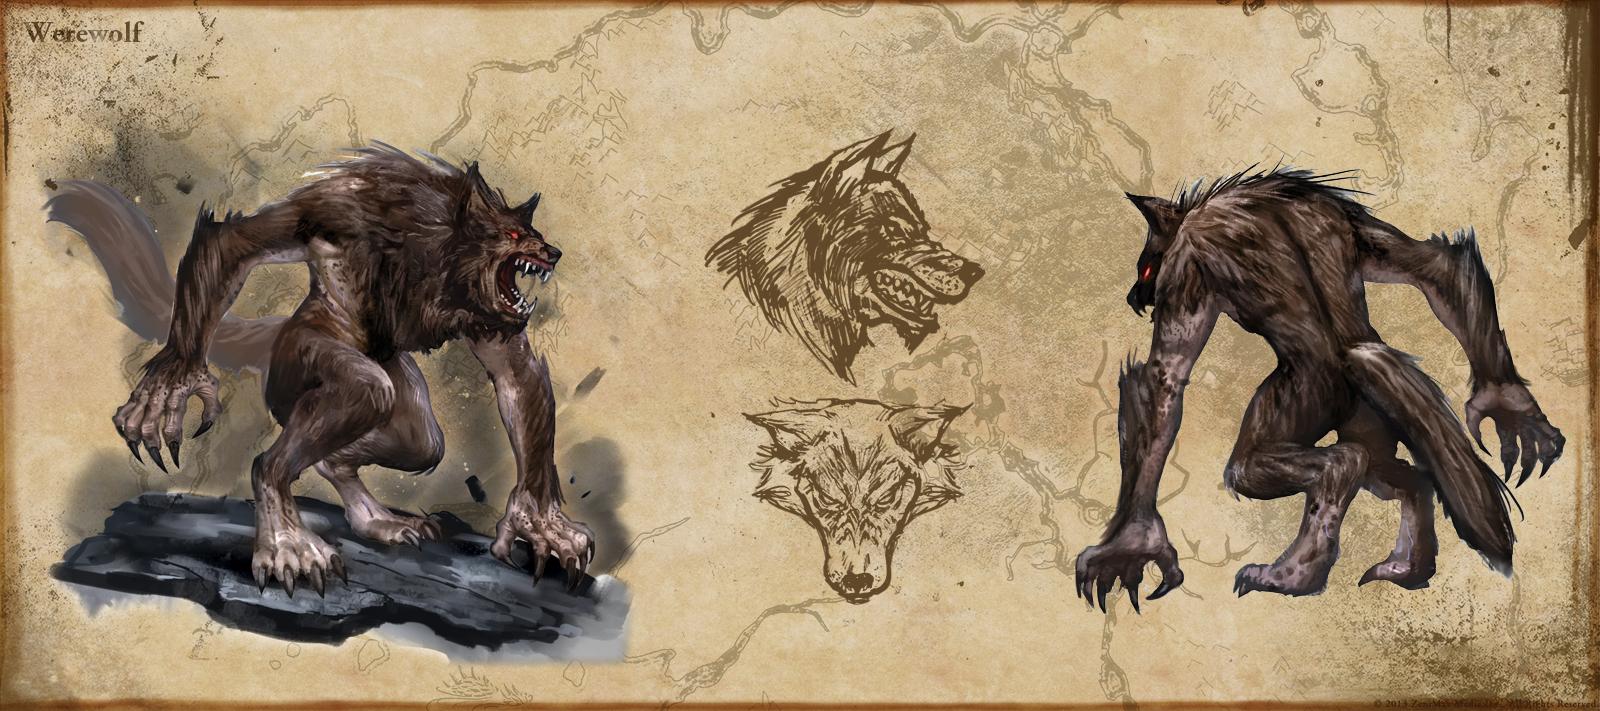 Vorschau änderung Der Werwölfe Elderscrollsportalde News Zu